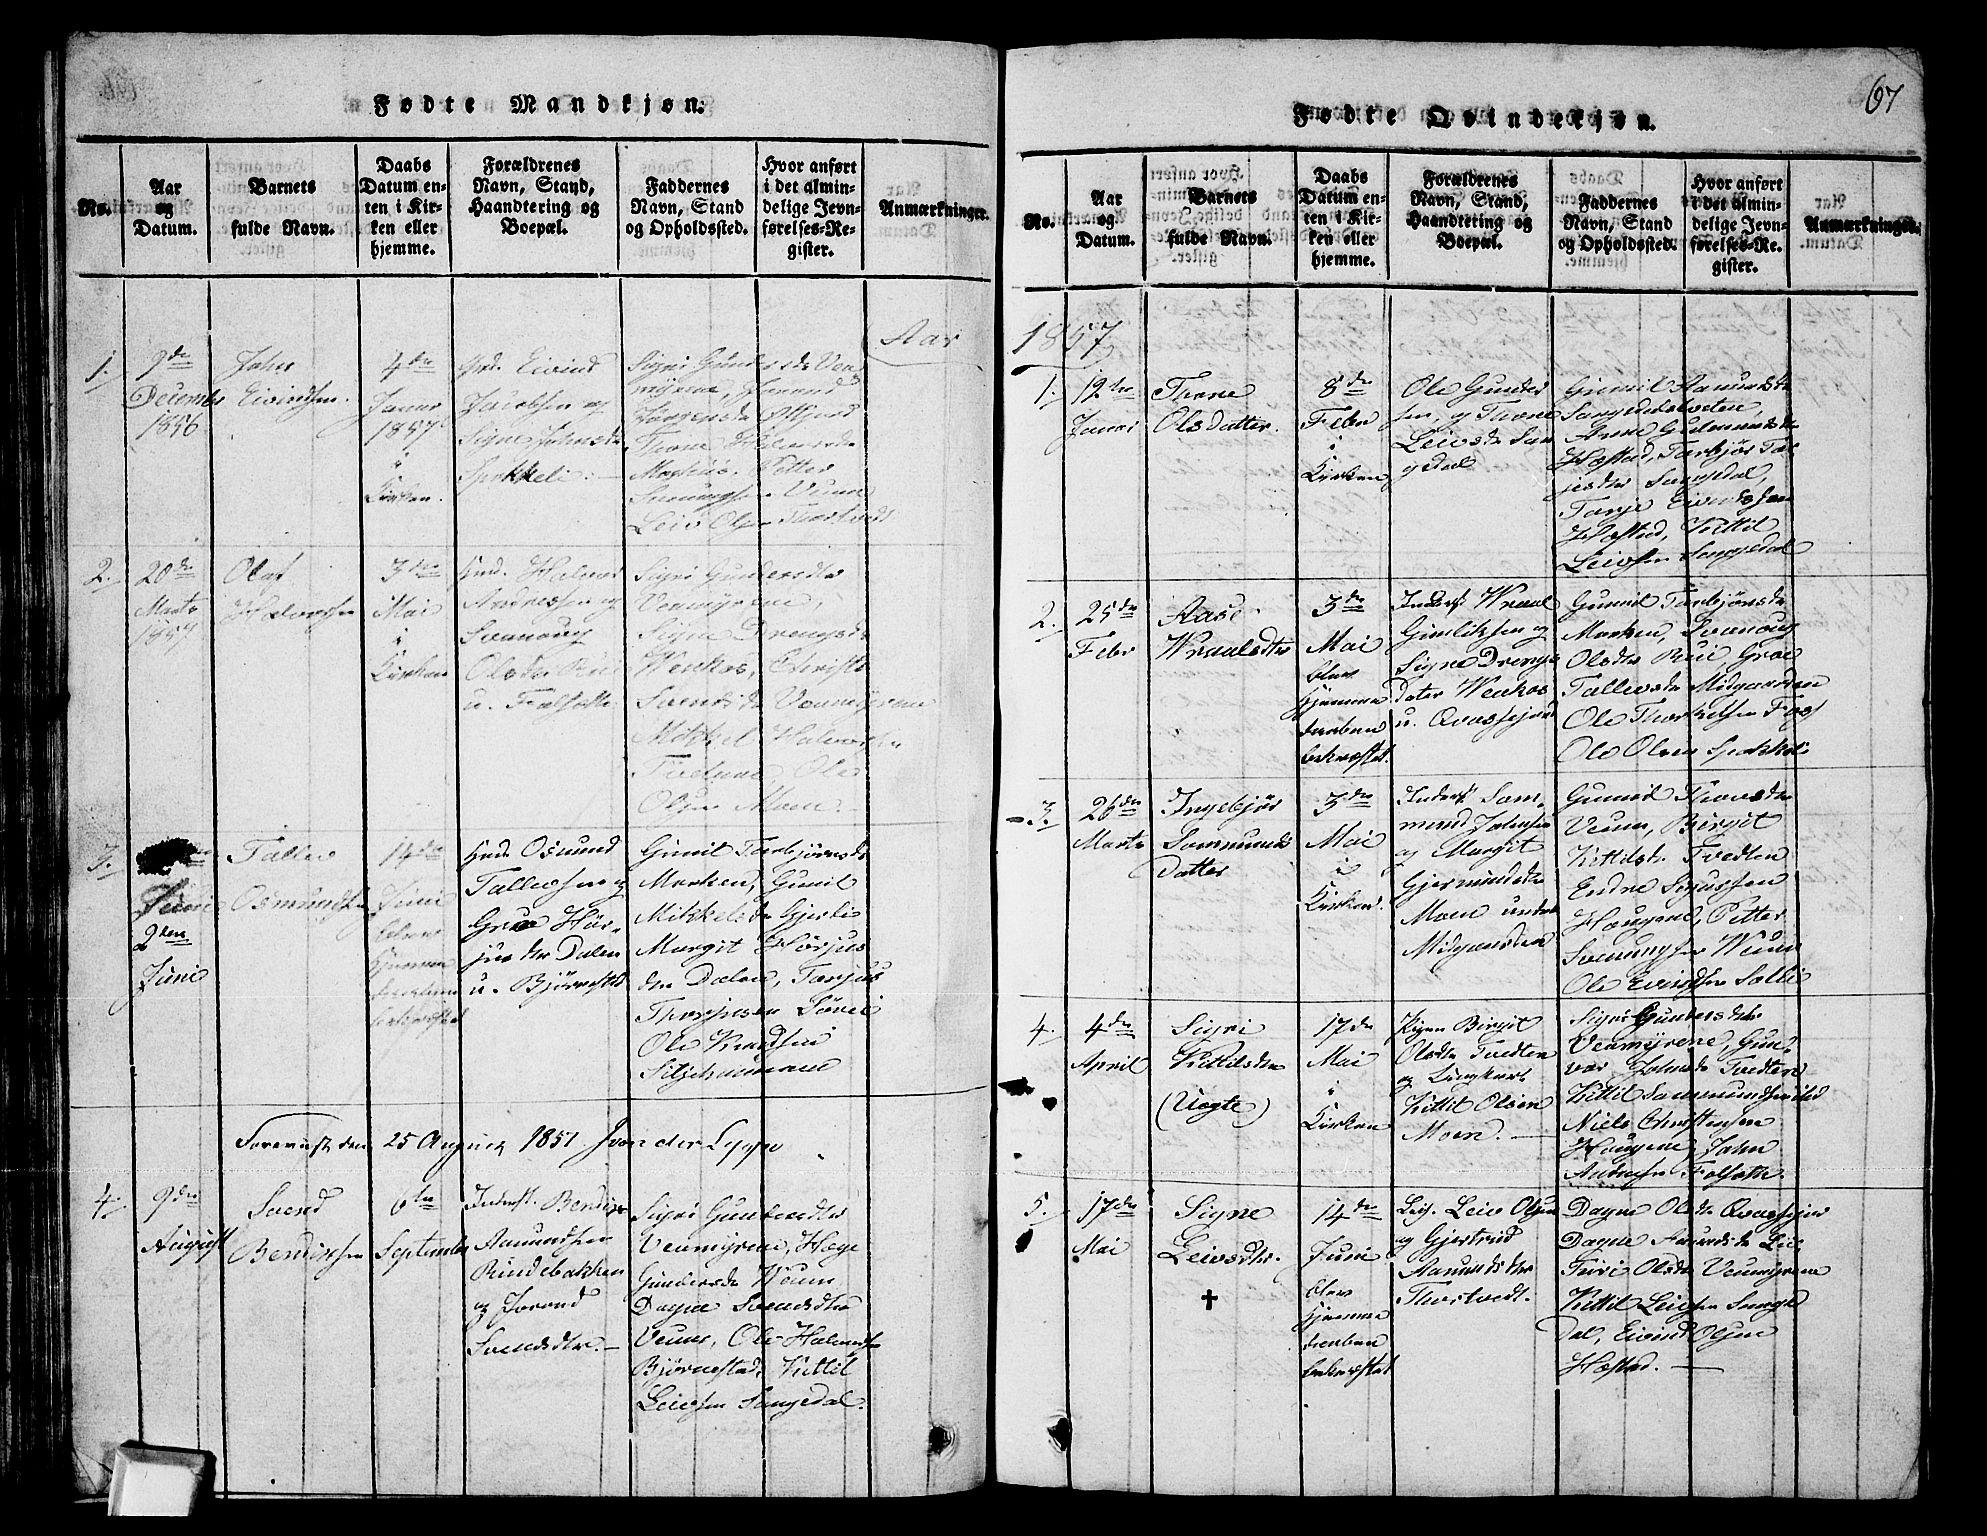 SAKO, Fyresdal kirkebøker, G/Ga/L0003: Klokkerbok nr. I 3, 1815-1863, s. 67